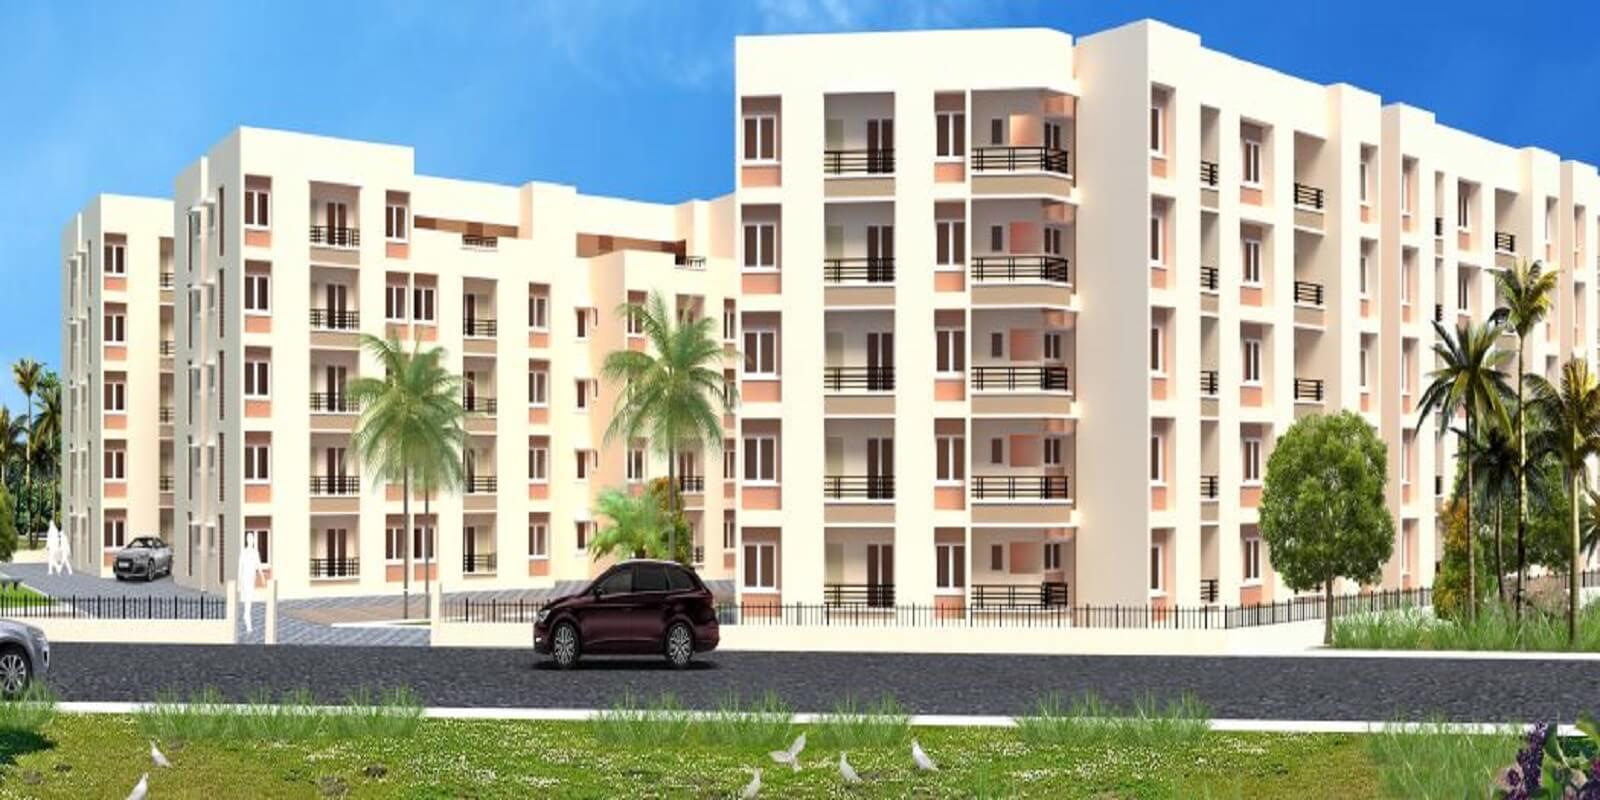 compact homes haripriya project large image1